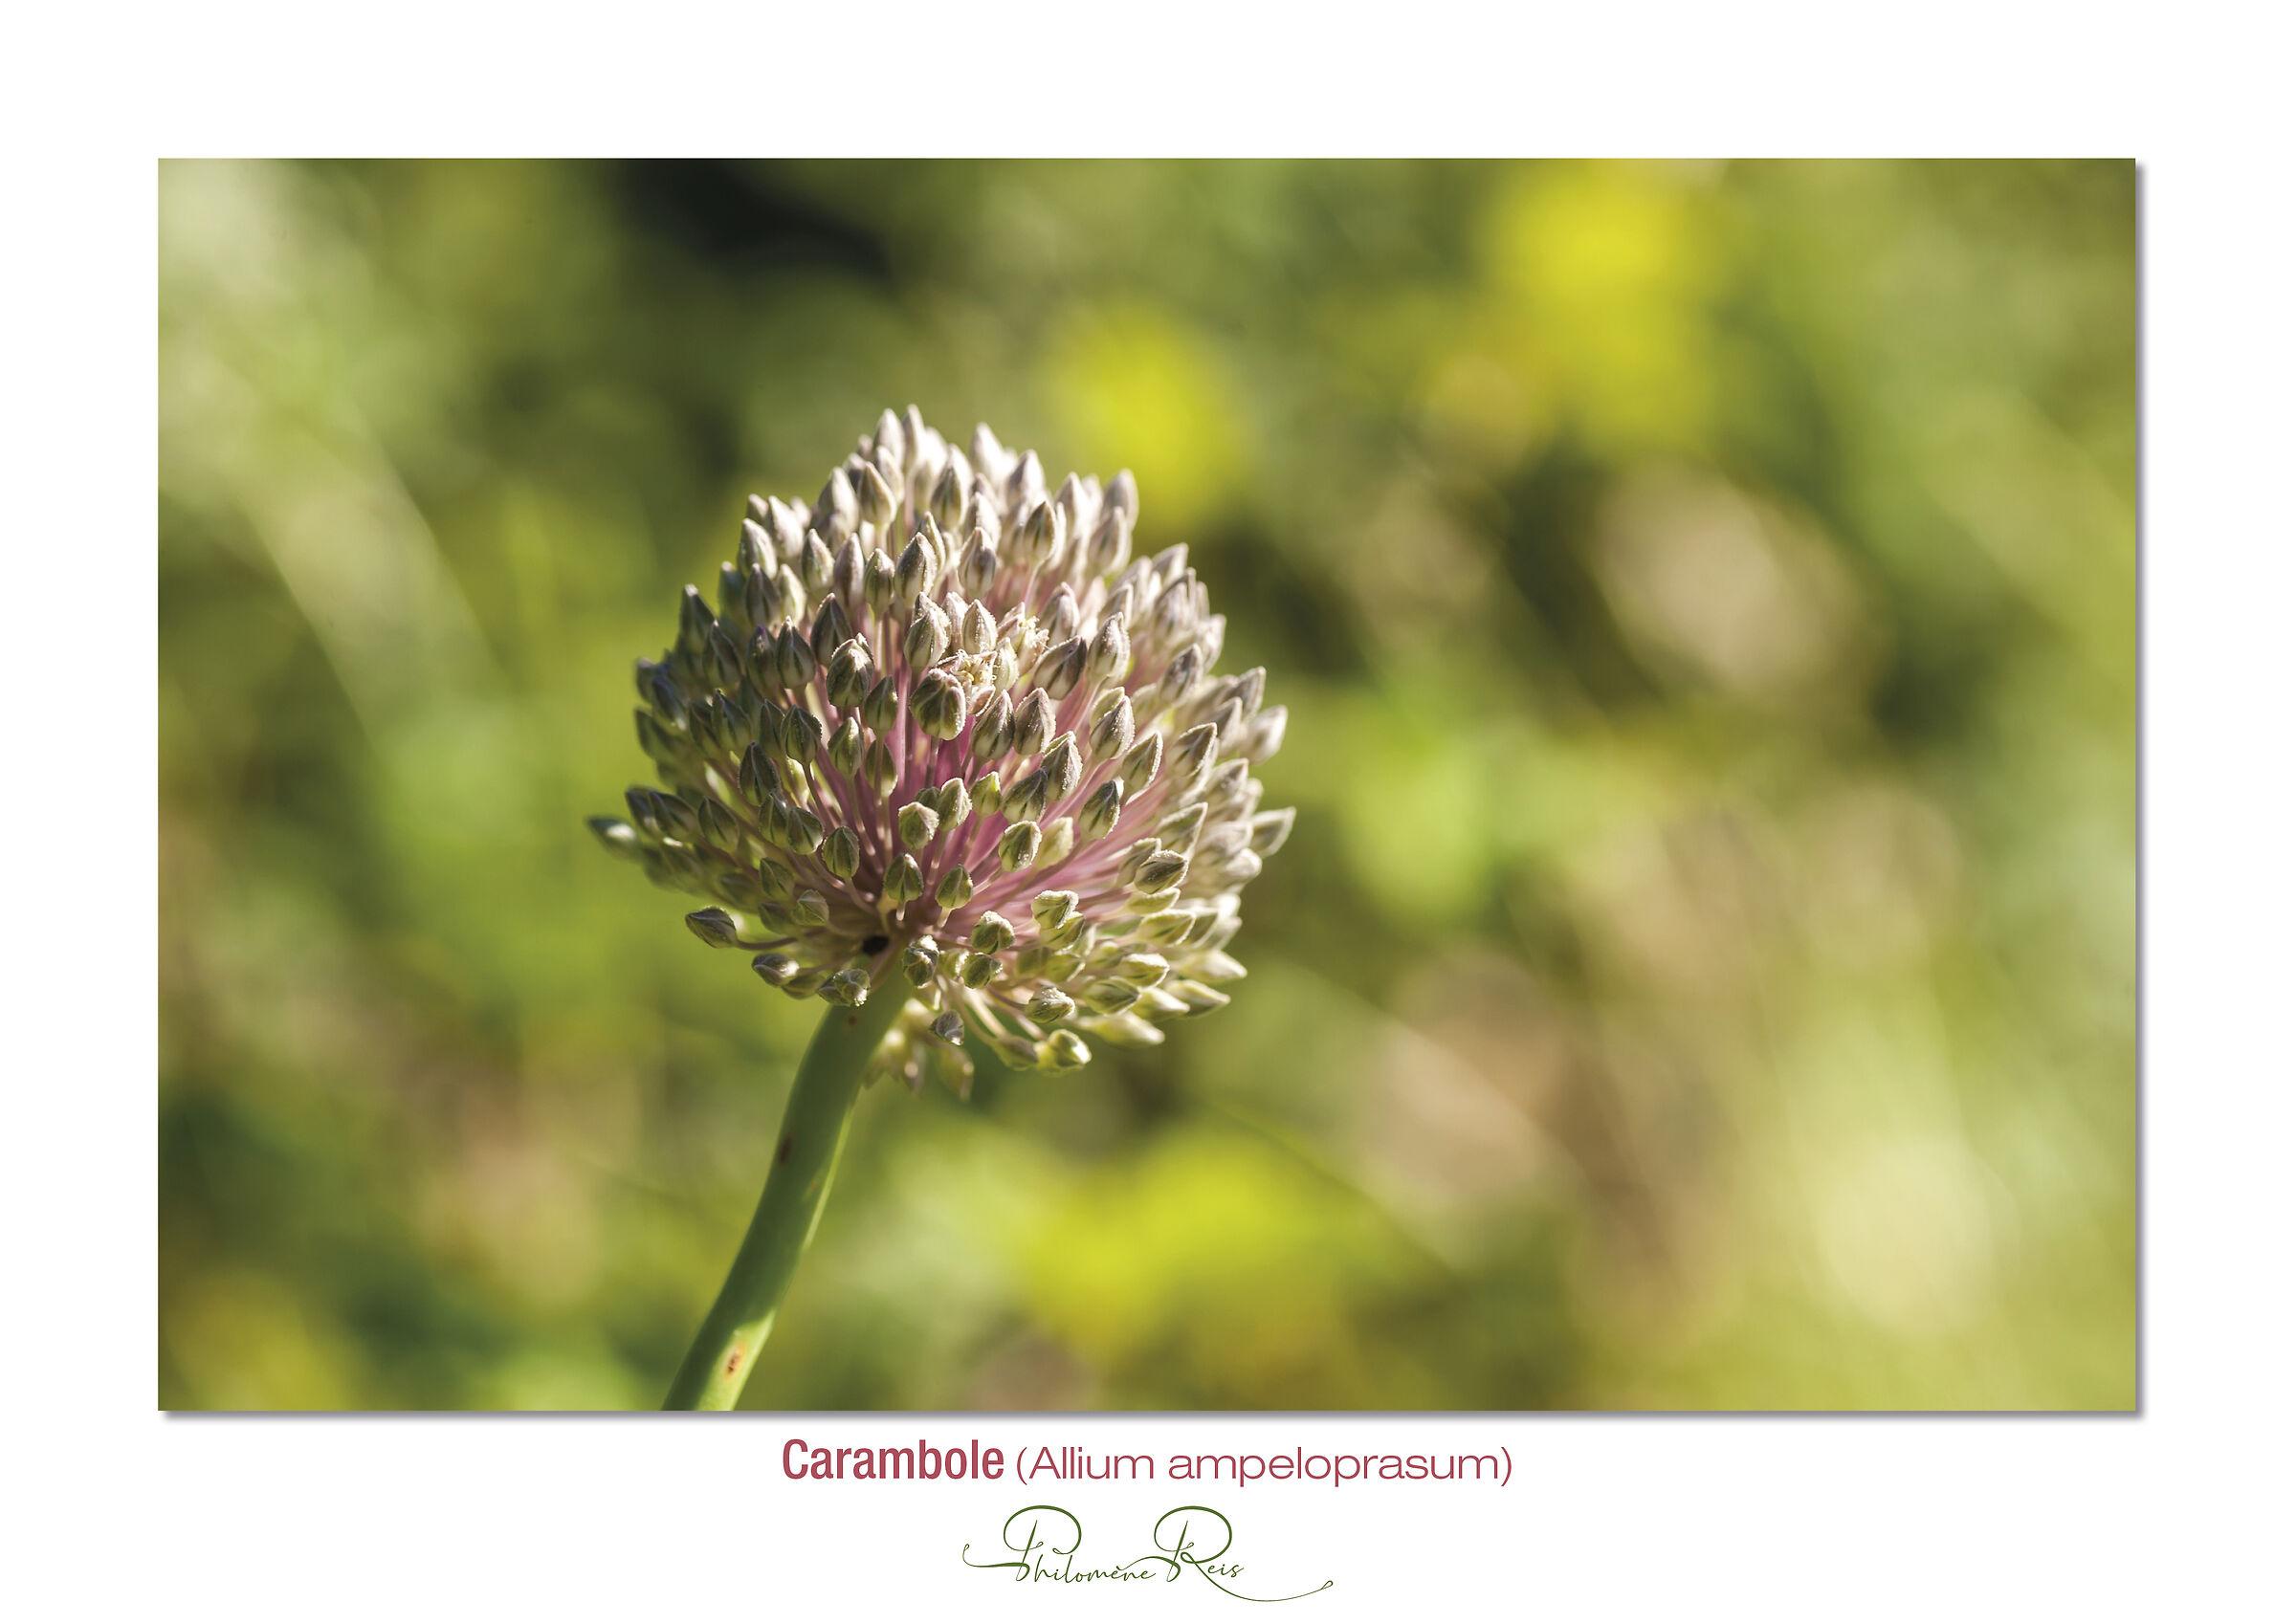 Carambole-Allium ampeloprasum....